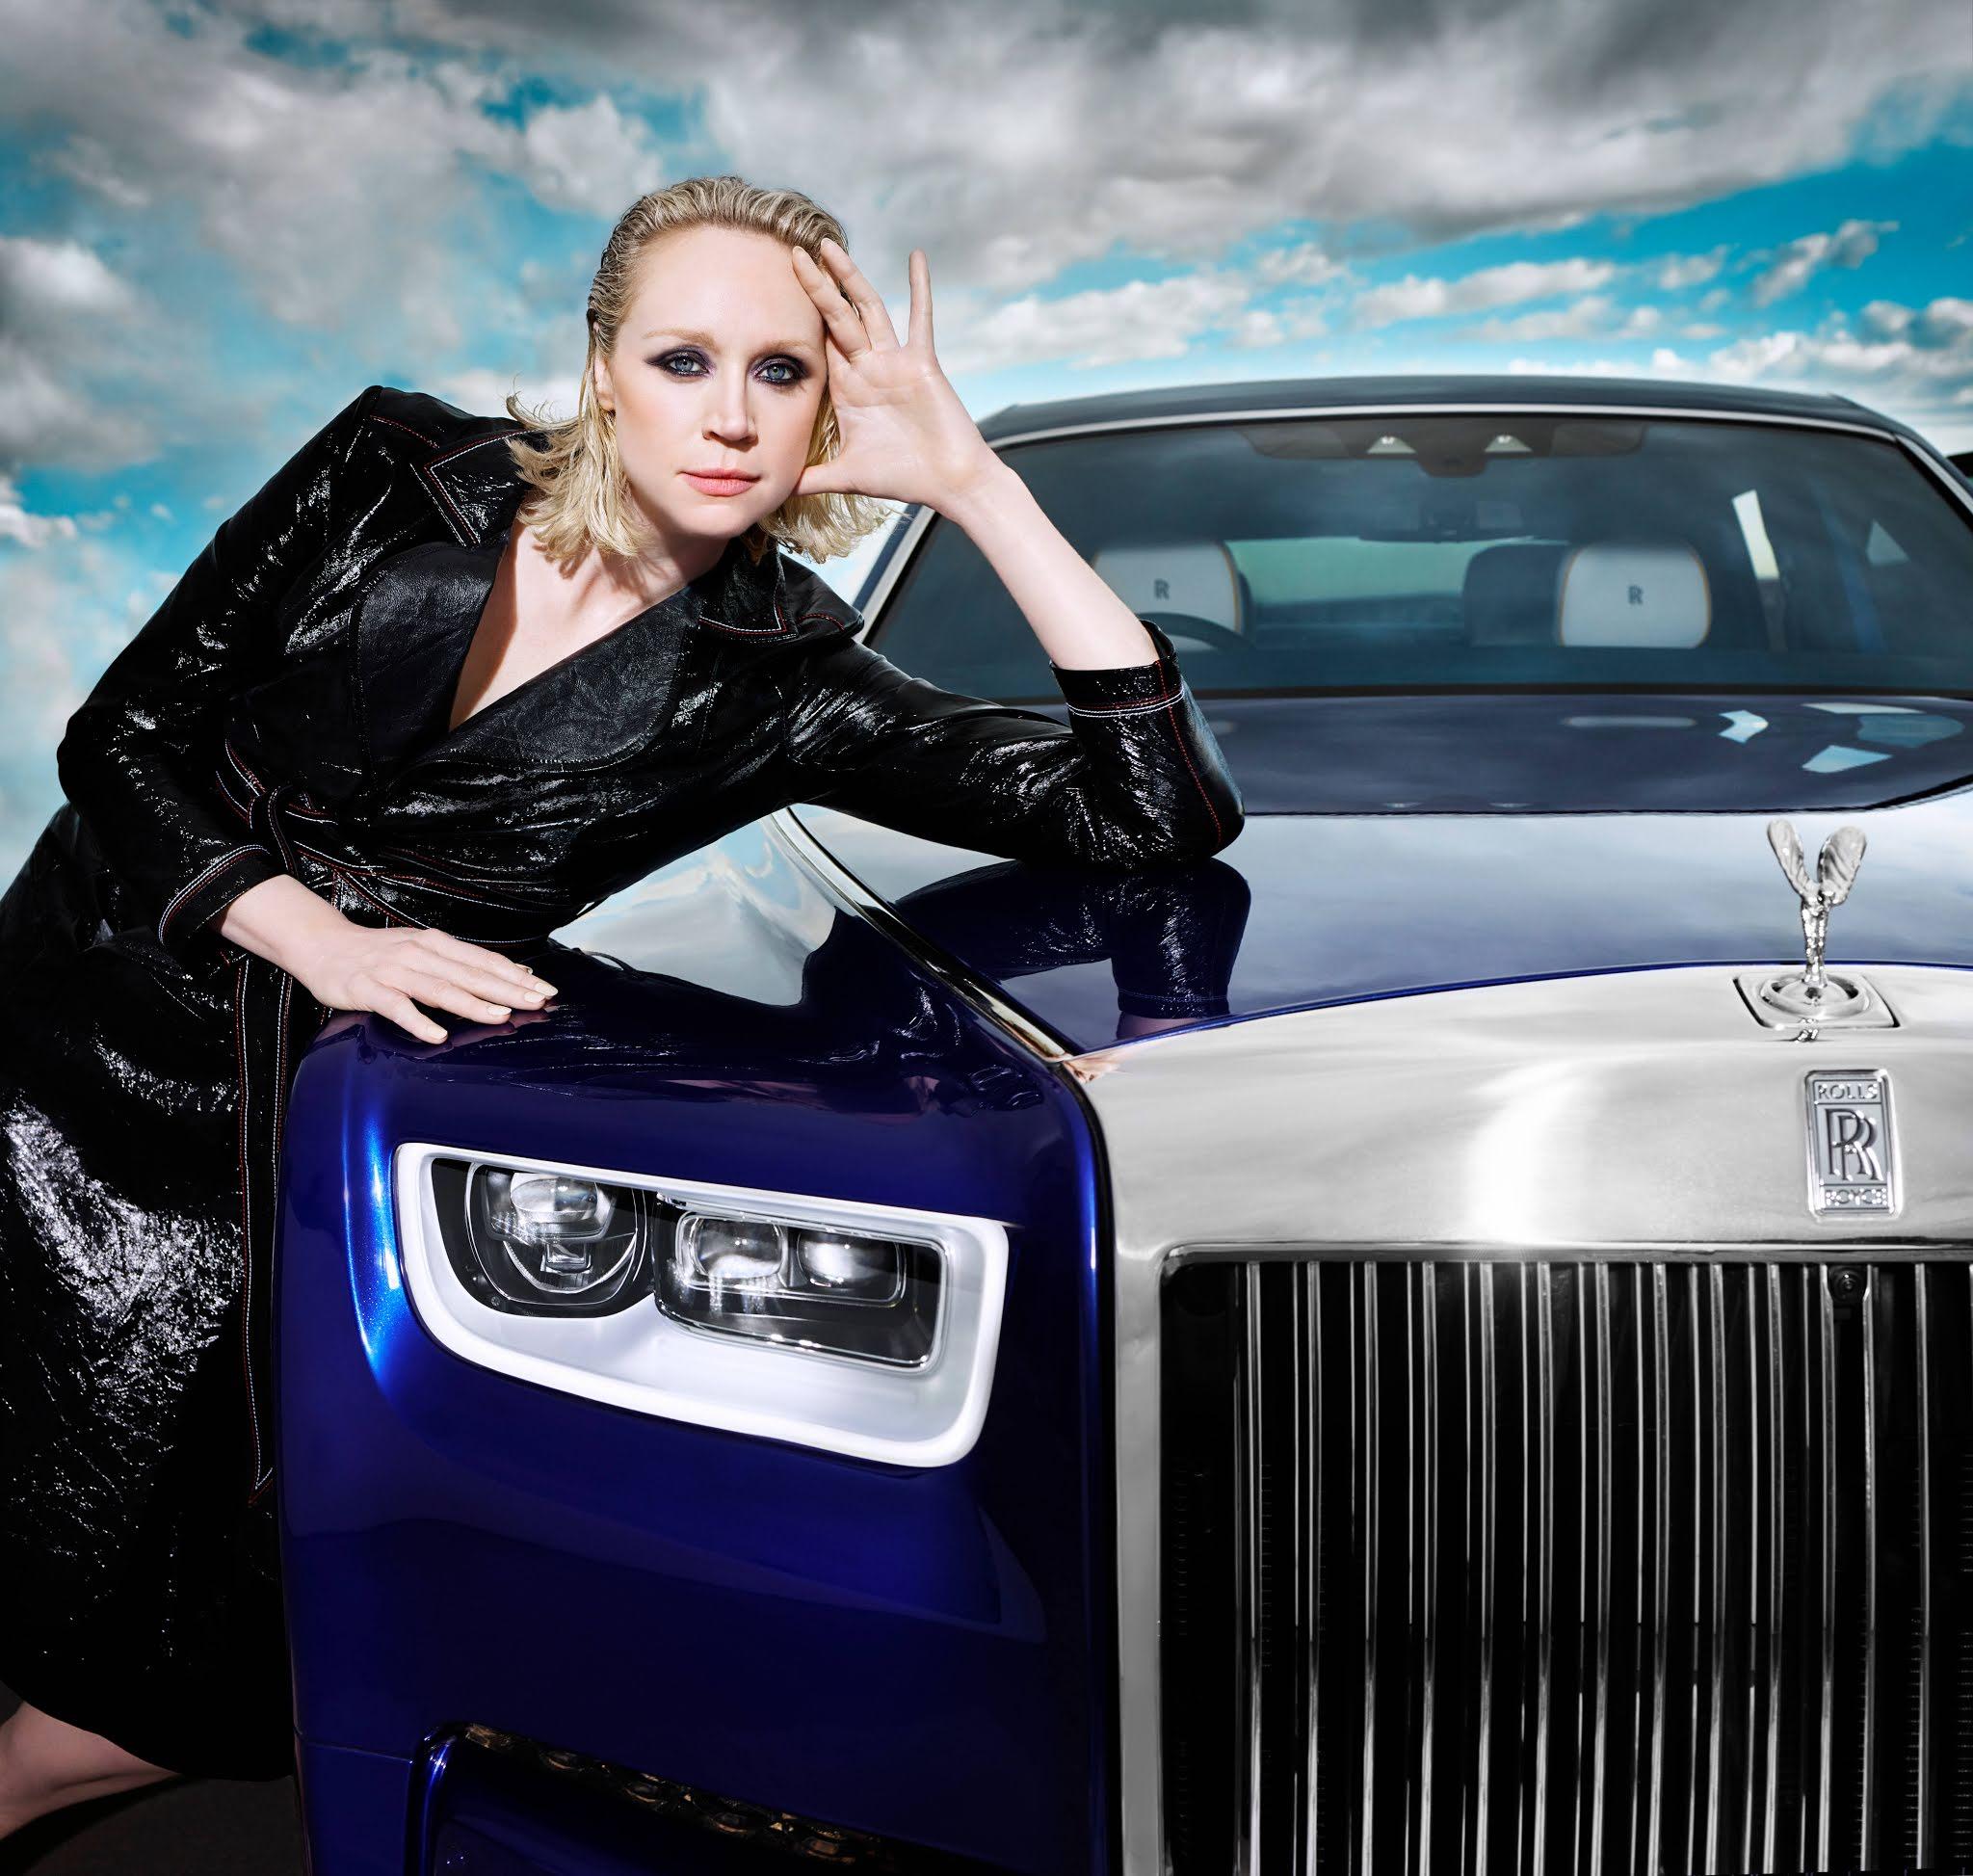 Rolls-Royce Phantom (Werbe) Film by Rankin mit Lady Brienne von Tarth   Eine britische Ikone mal rebellisch in Szene gesetzt